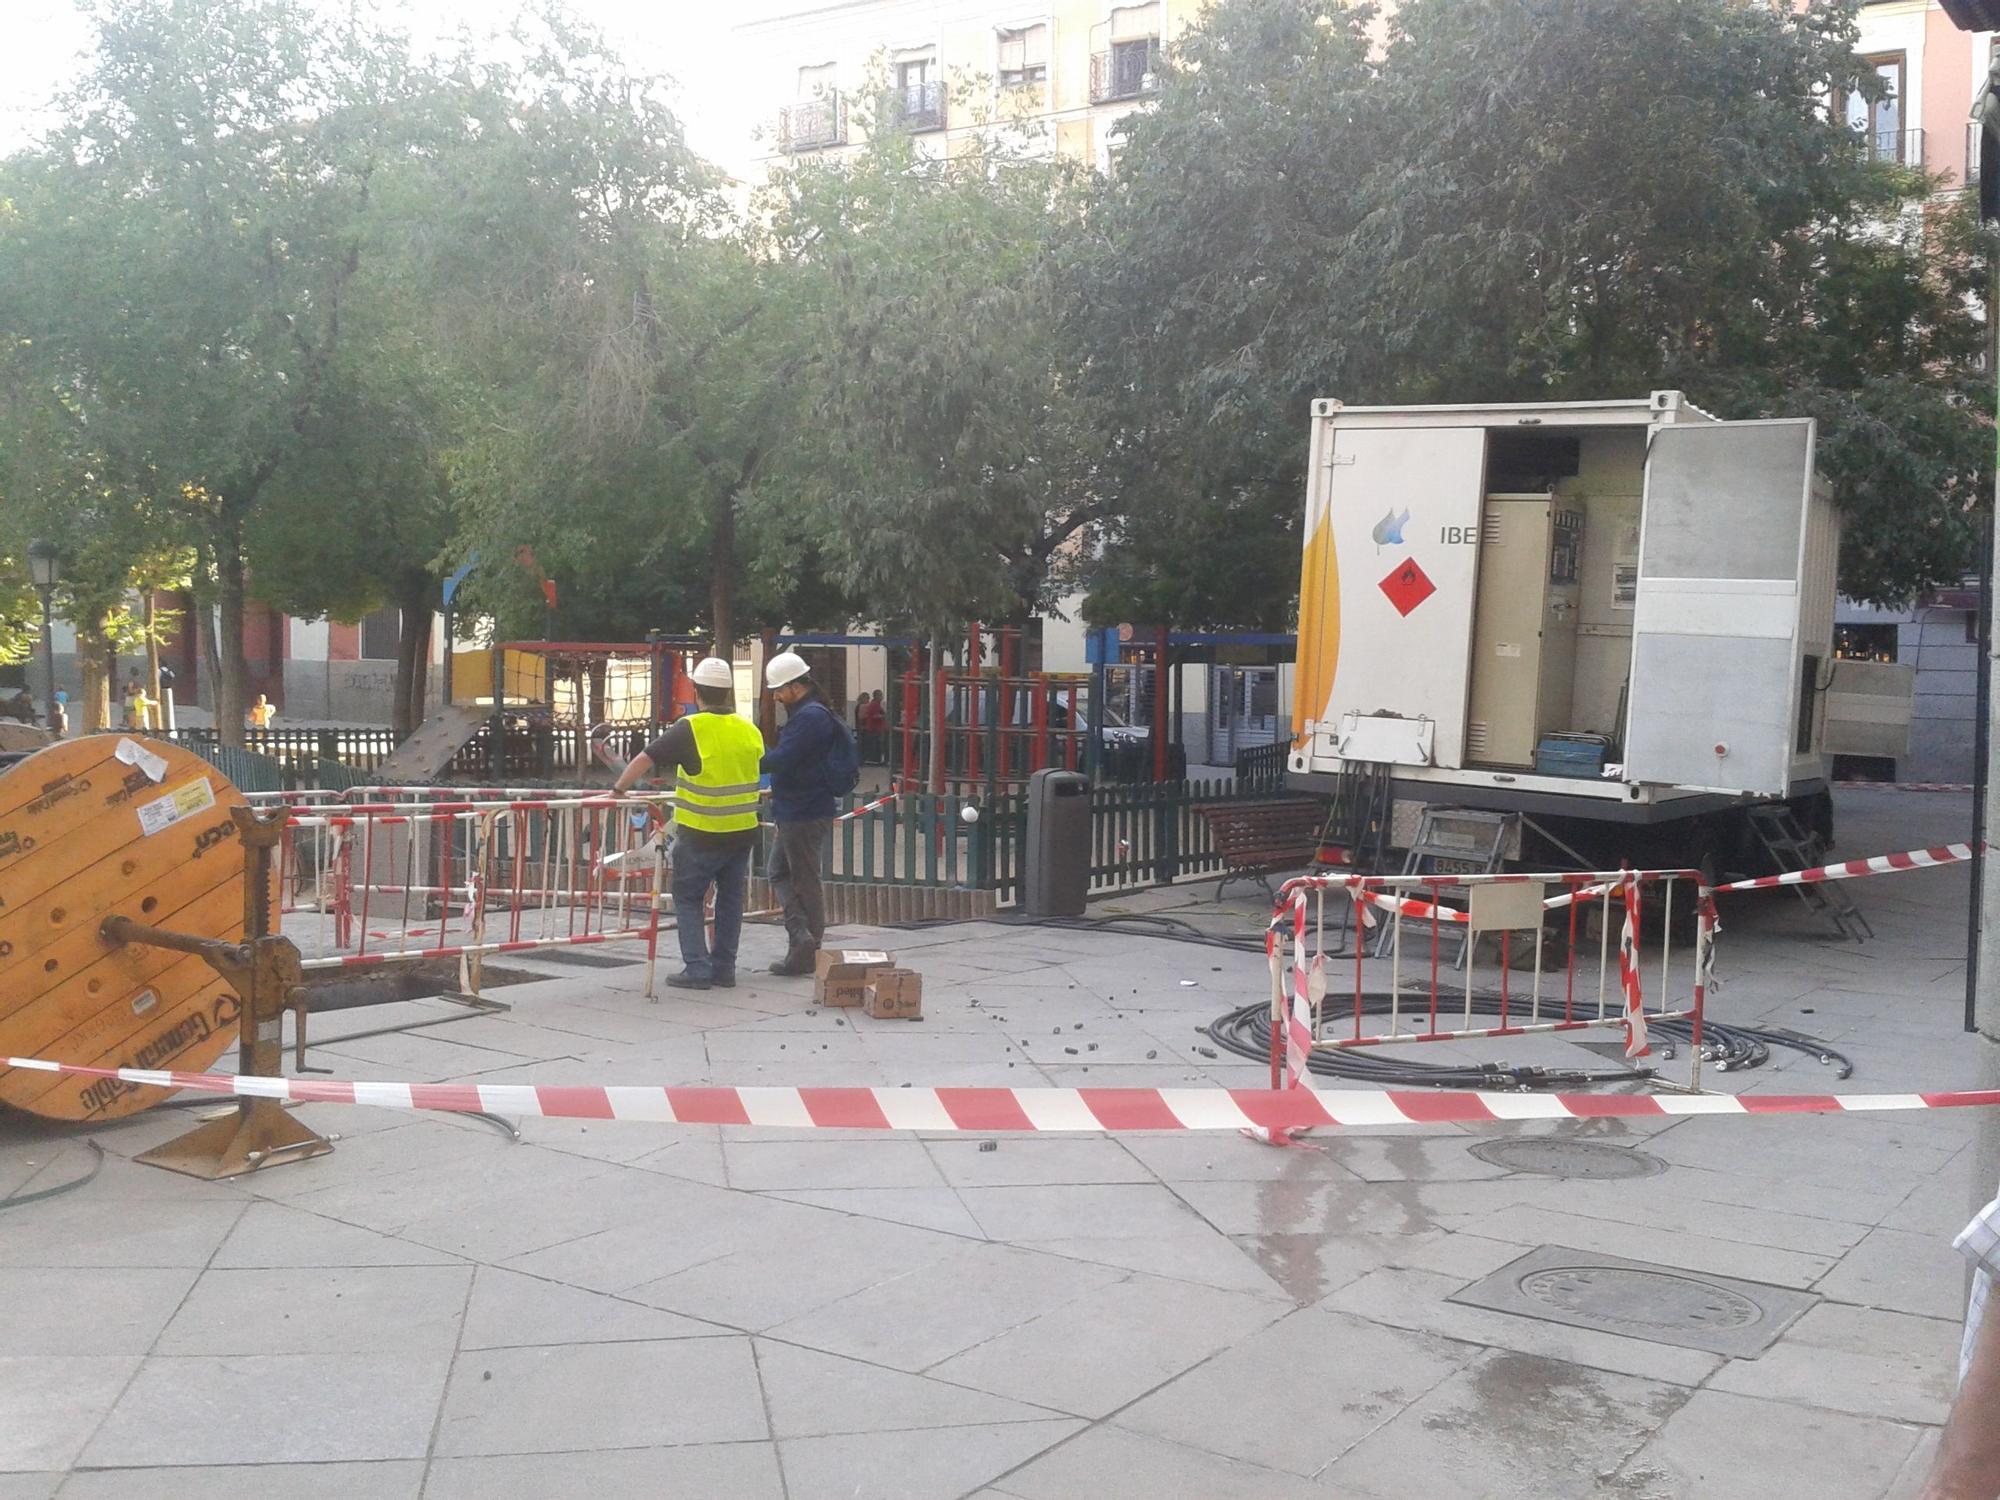 Plaza acordonada por el incendio | ACIBU